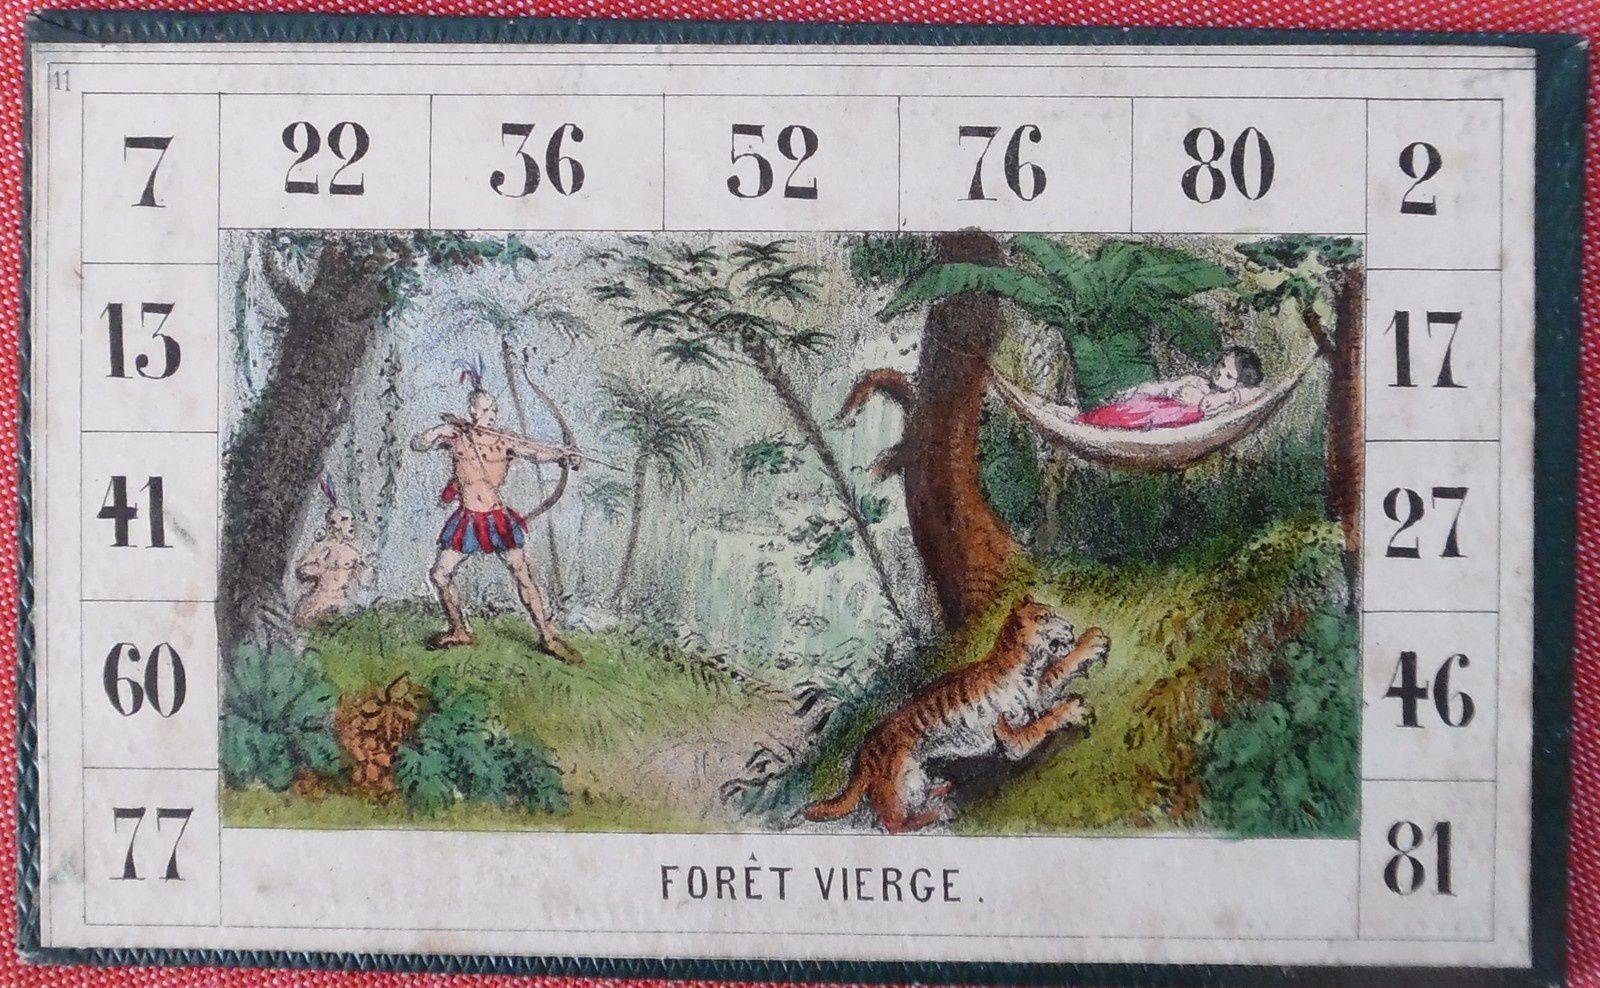 une scène inattendue dans la forêt vierge, loto géographique de Rousseau